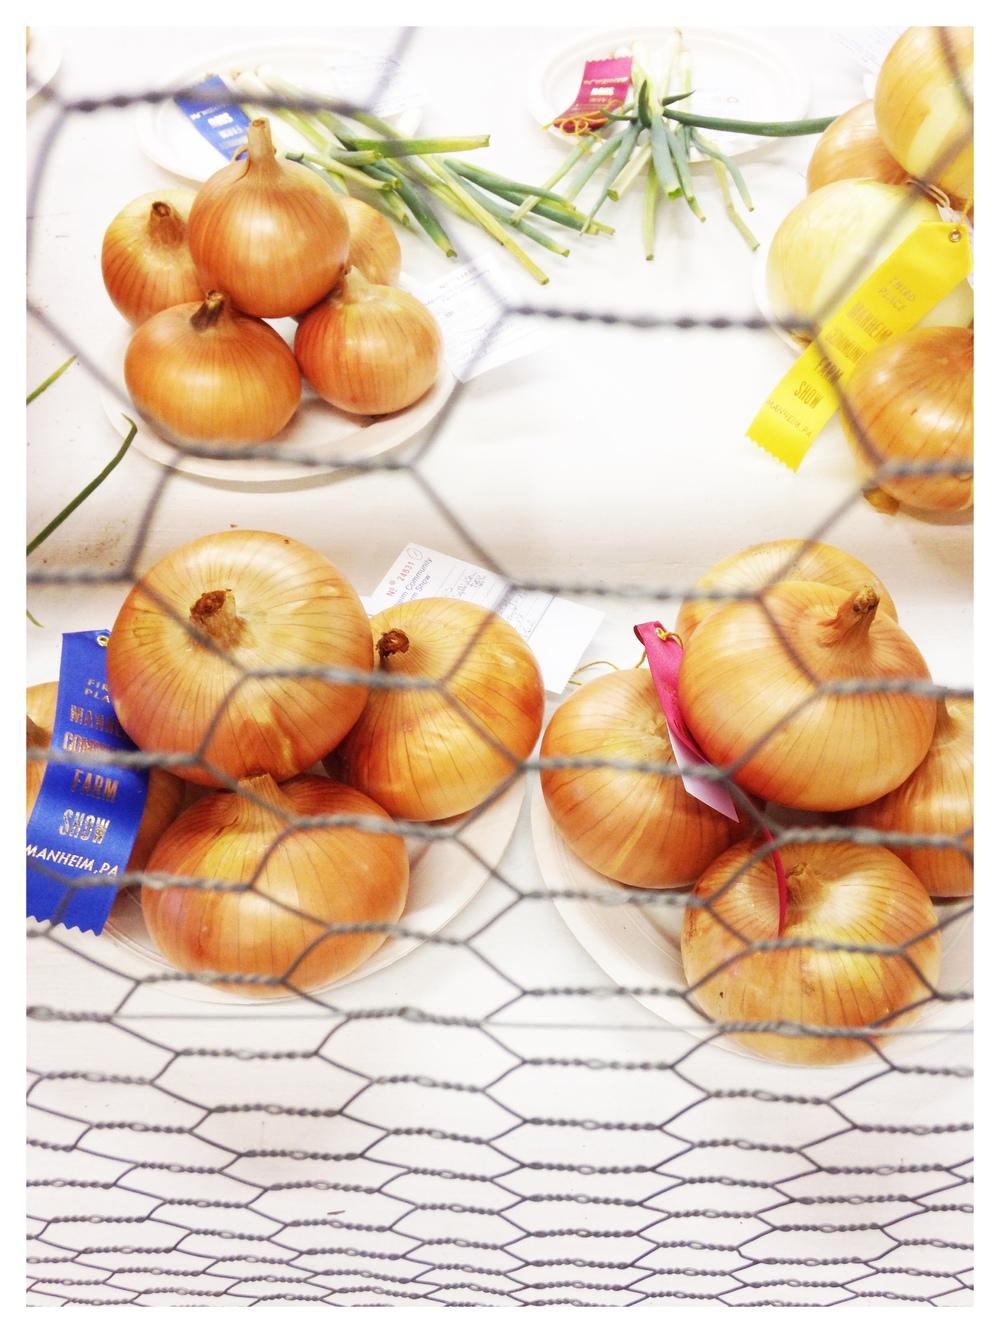 Prize-winning onions!